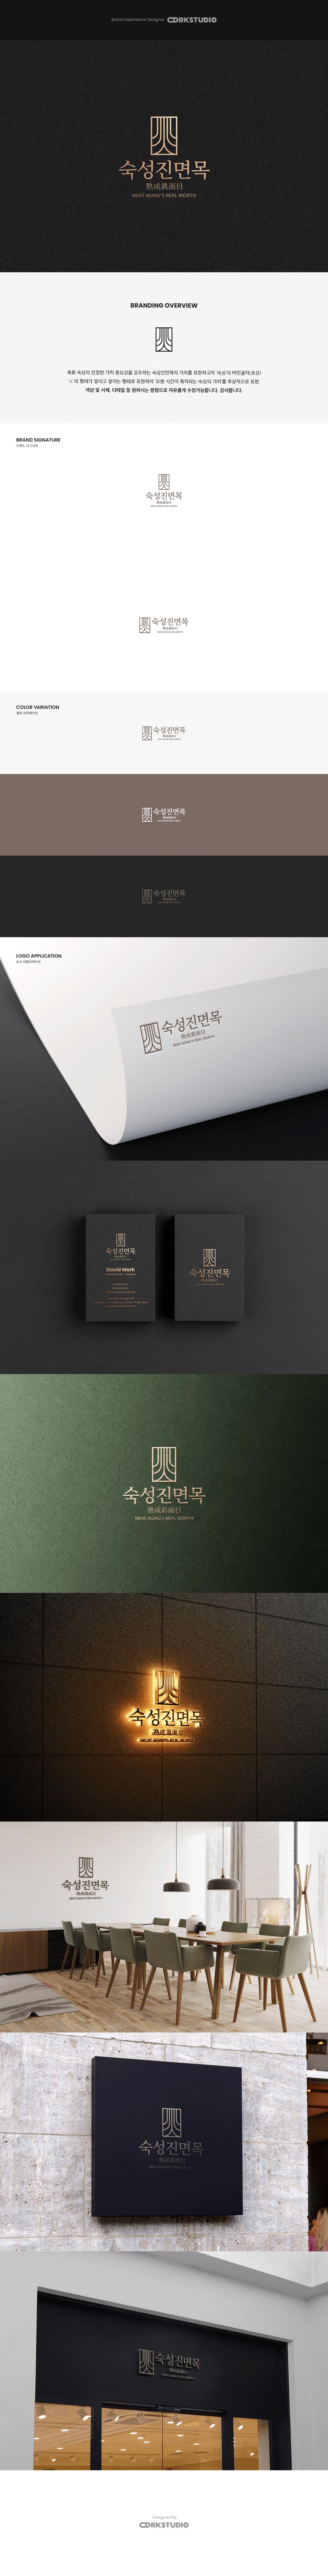 로고 디자인 | ⁕숙성진면목 로고 디자인 의뢰⁕ | 라우드소싱 포트폴리오